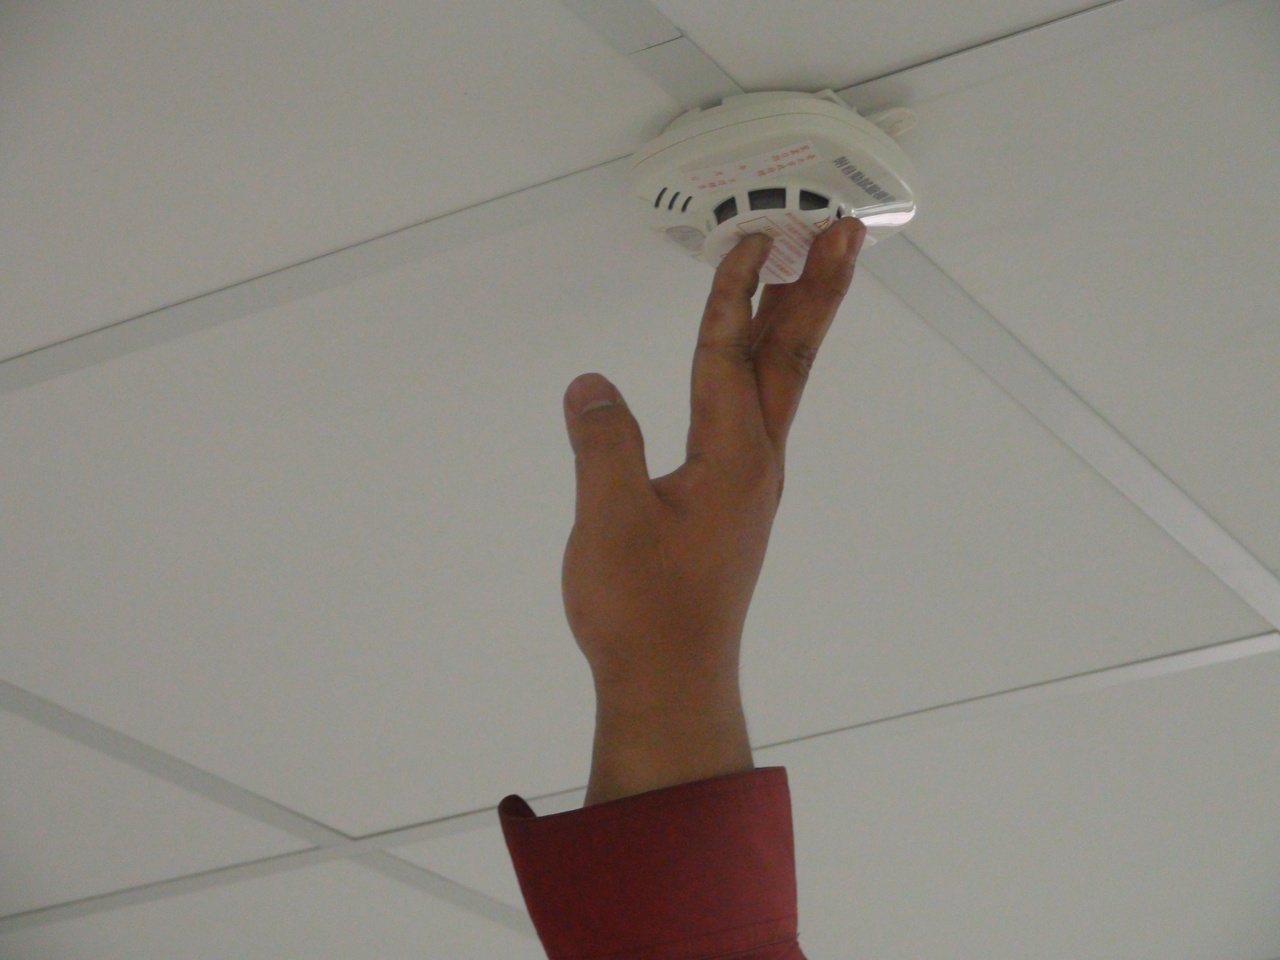 住宅用火災警報器可偵測濃煙或高溫,在火災初期發出警報聲。  圖/李奕昕 攝影